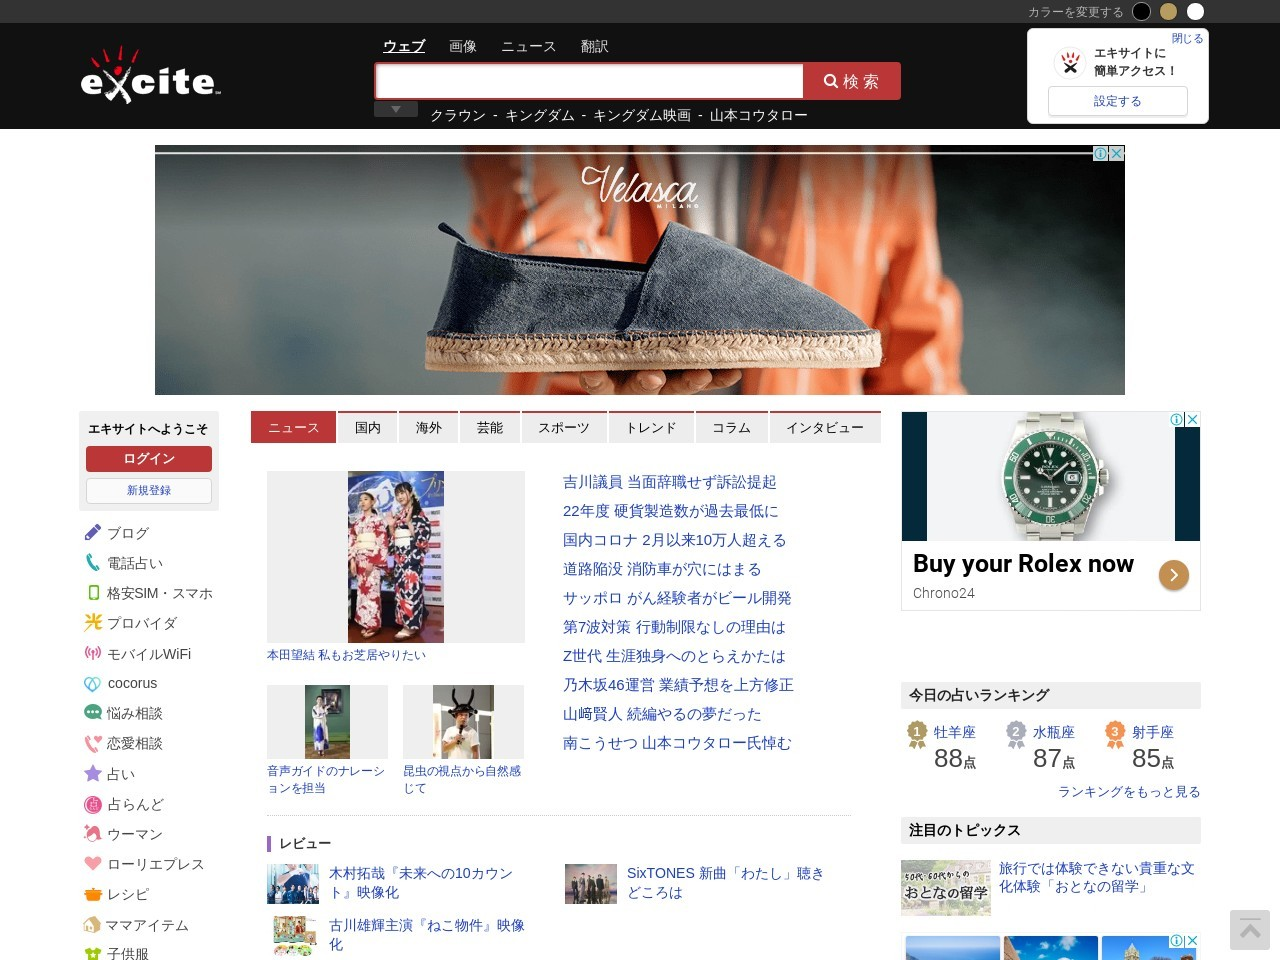 【自動投稿】 ¥250→無料:カレンダーを表示できるキーボード「apole」ほか[6月6日版]セール・お得情報